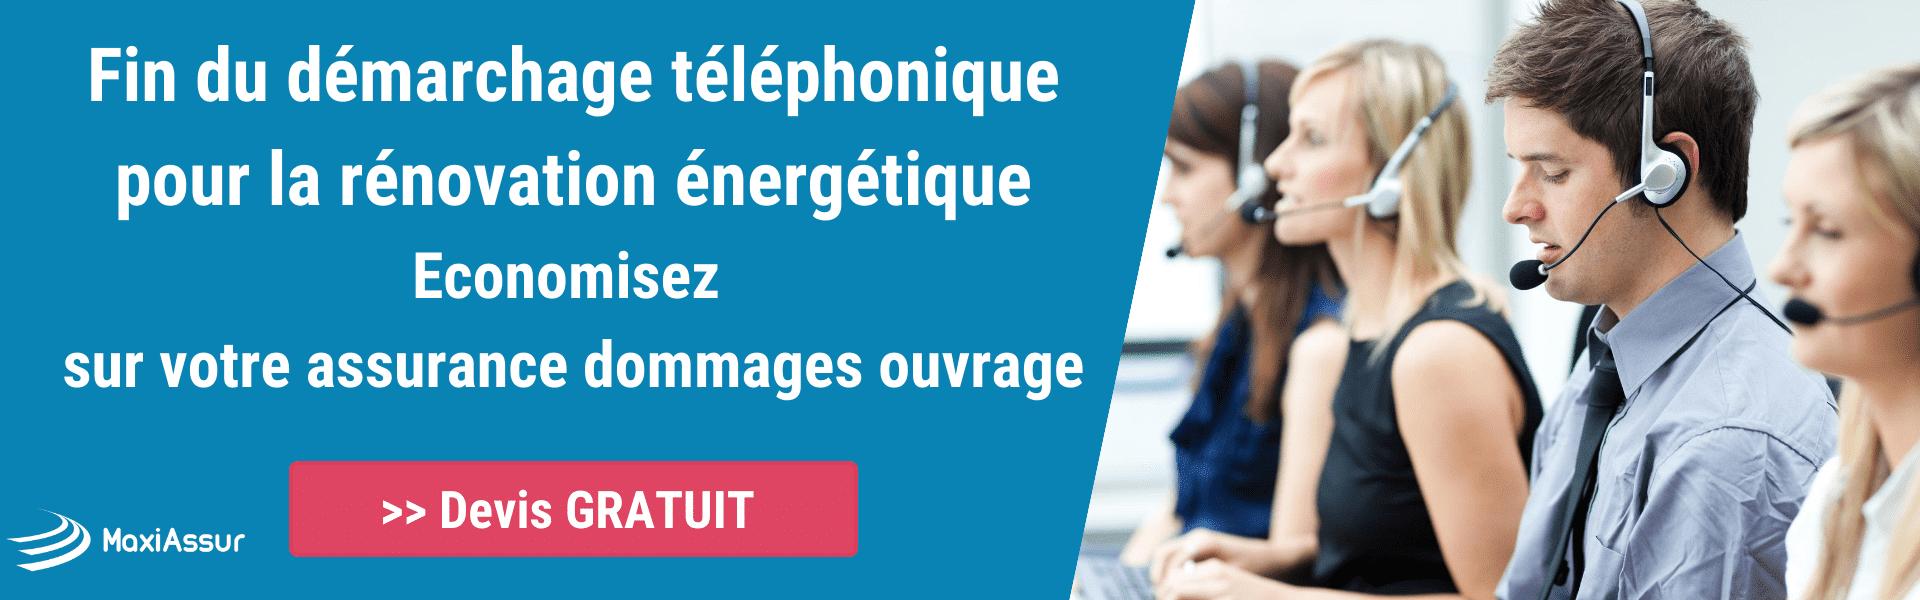 Fin du démarchage téléphonique pour la rénovation énergétique